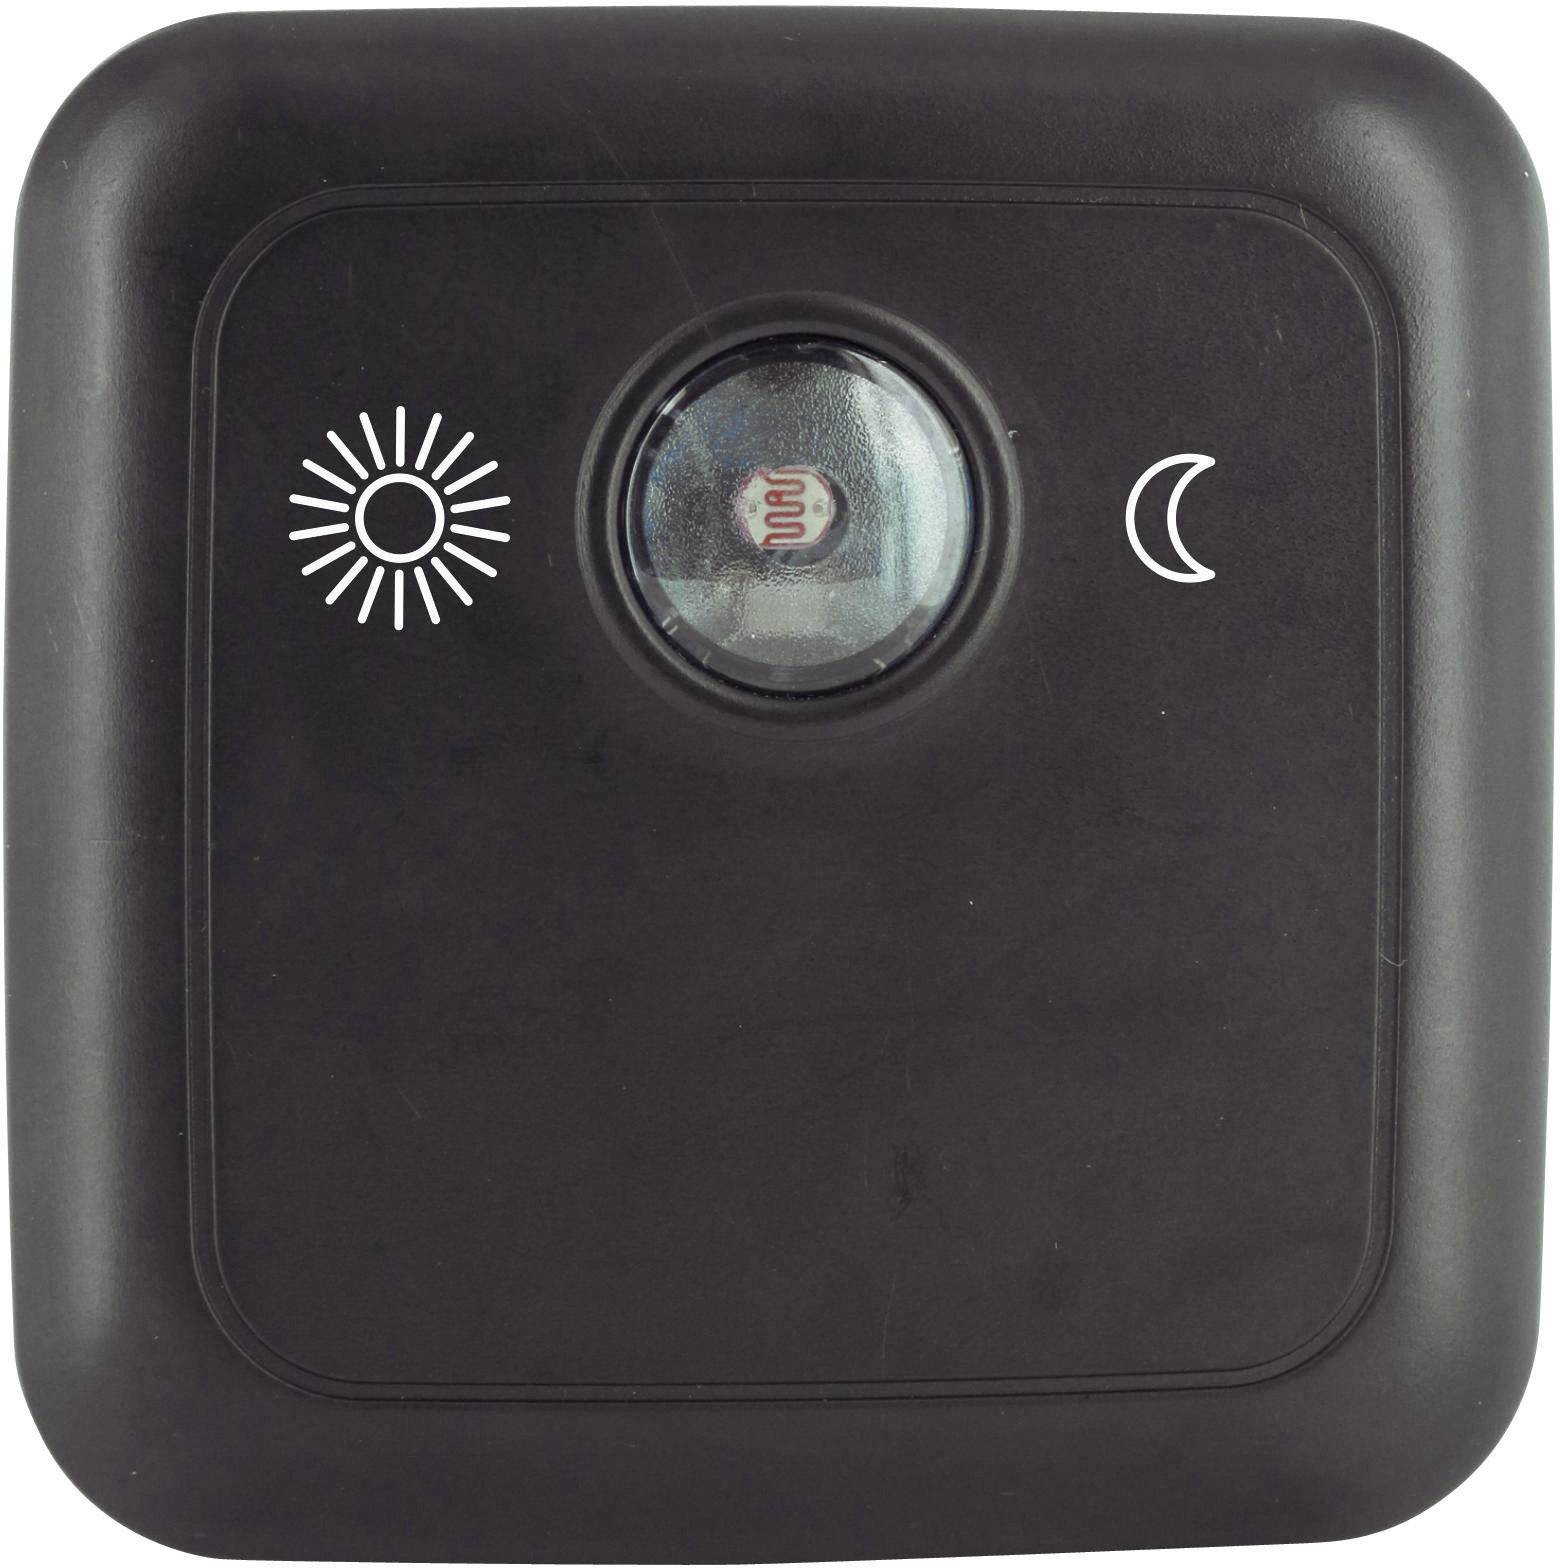 Bezdrátový venkovní soumrakový senzor Home Easy, HE863, 50 m